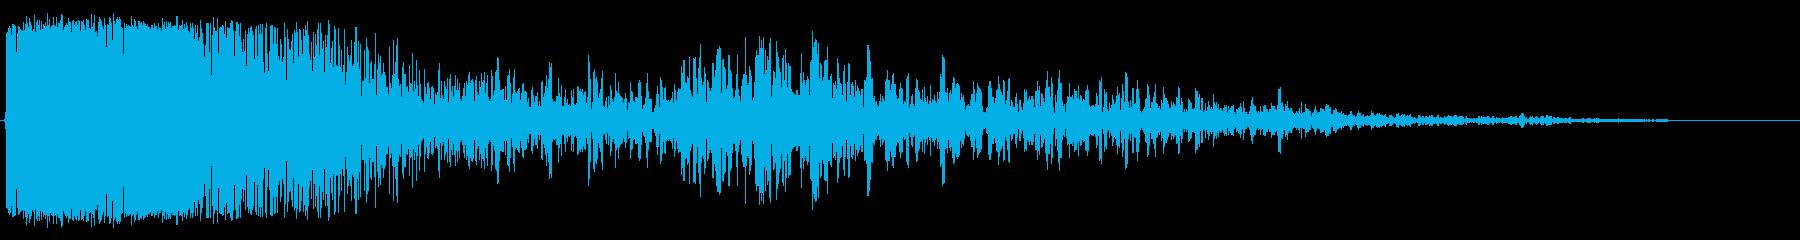 激しい爆発の再生済みの波形